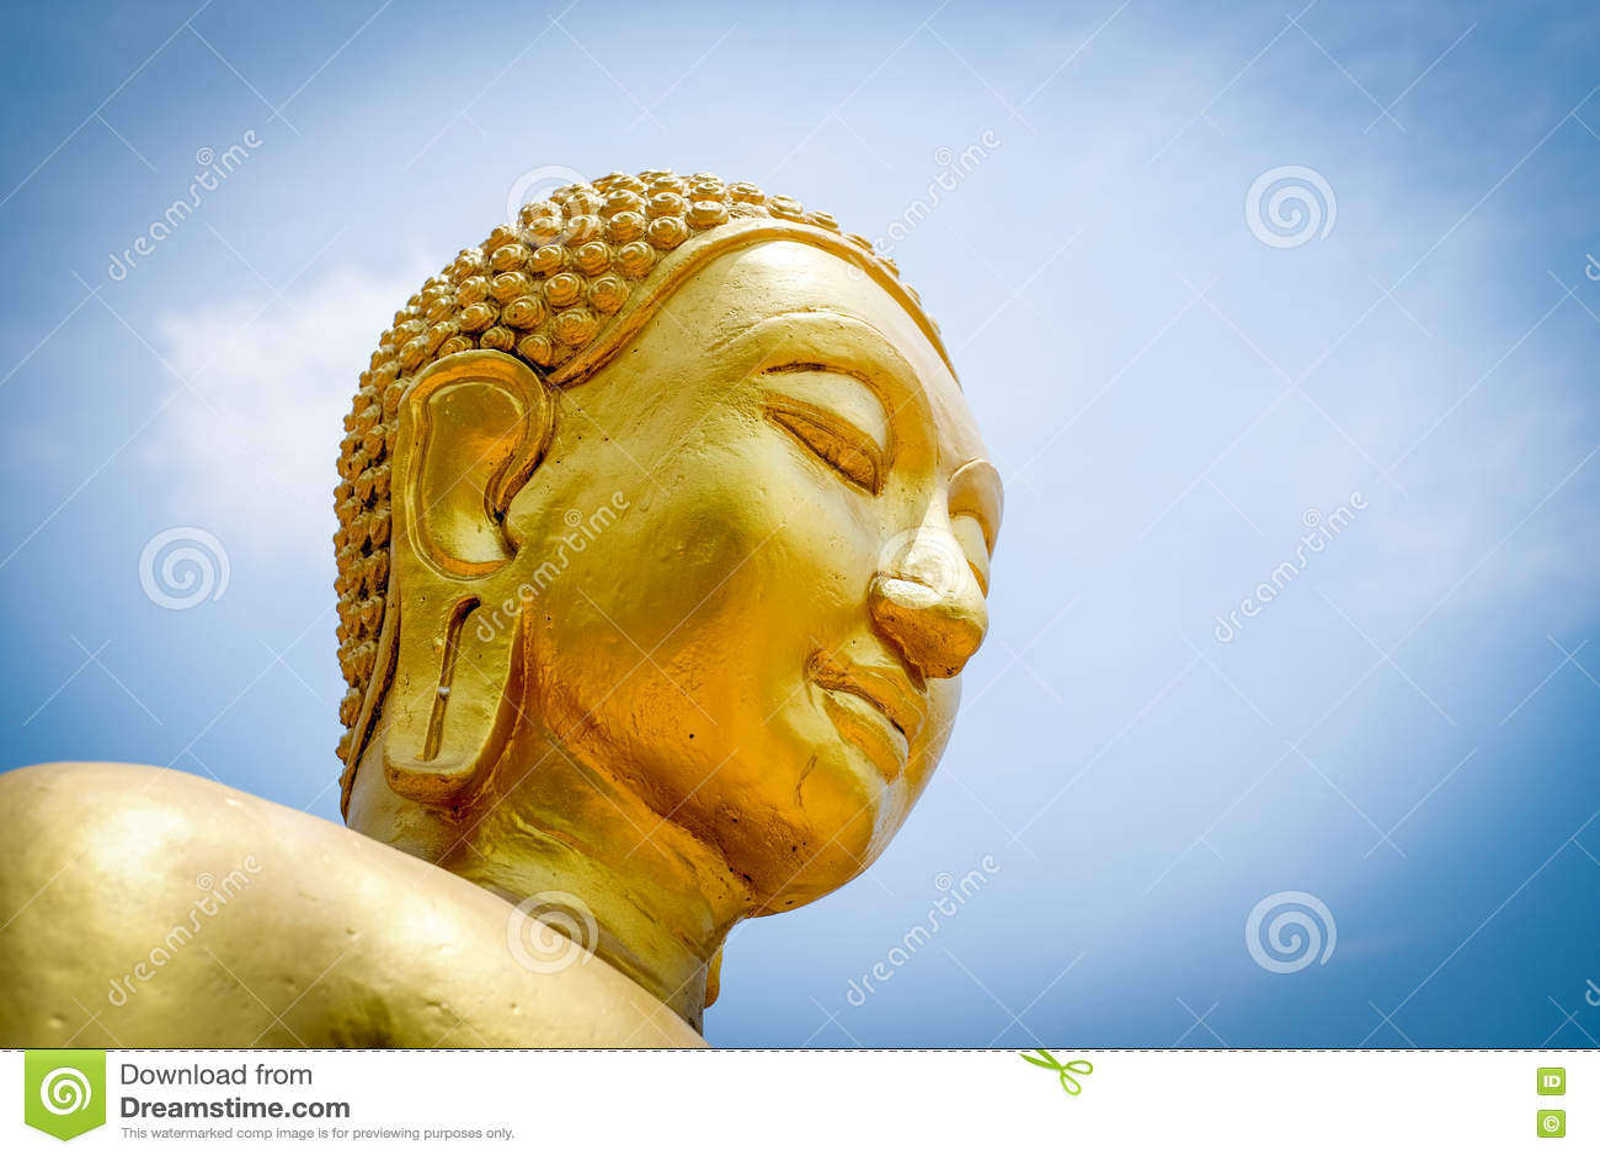 Buddhastaty på blå himmel